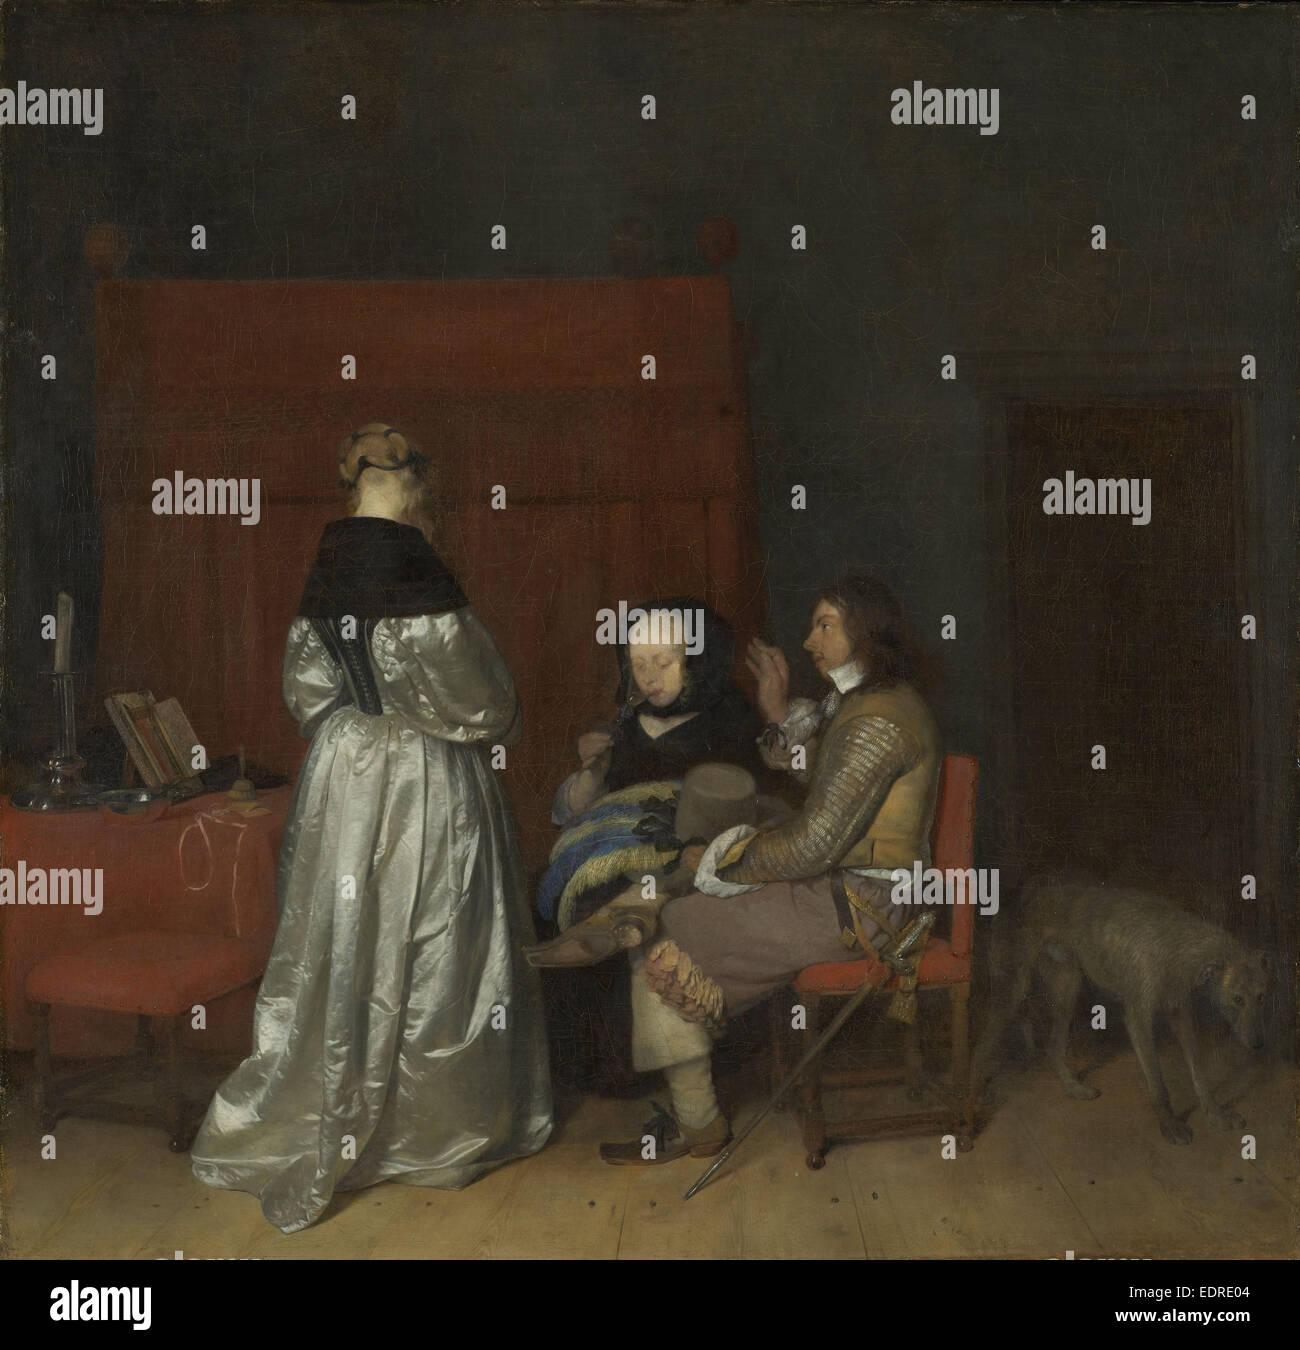 Conversación galante, conocida como 'La admonición paterna', Gerard Ter Borch (II), c. 1654 Imagen De Stock